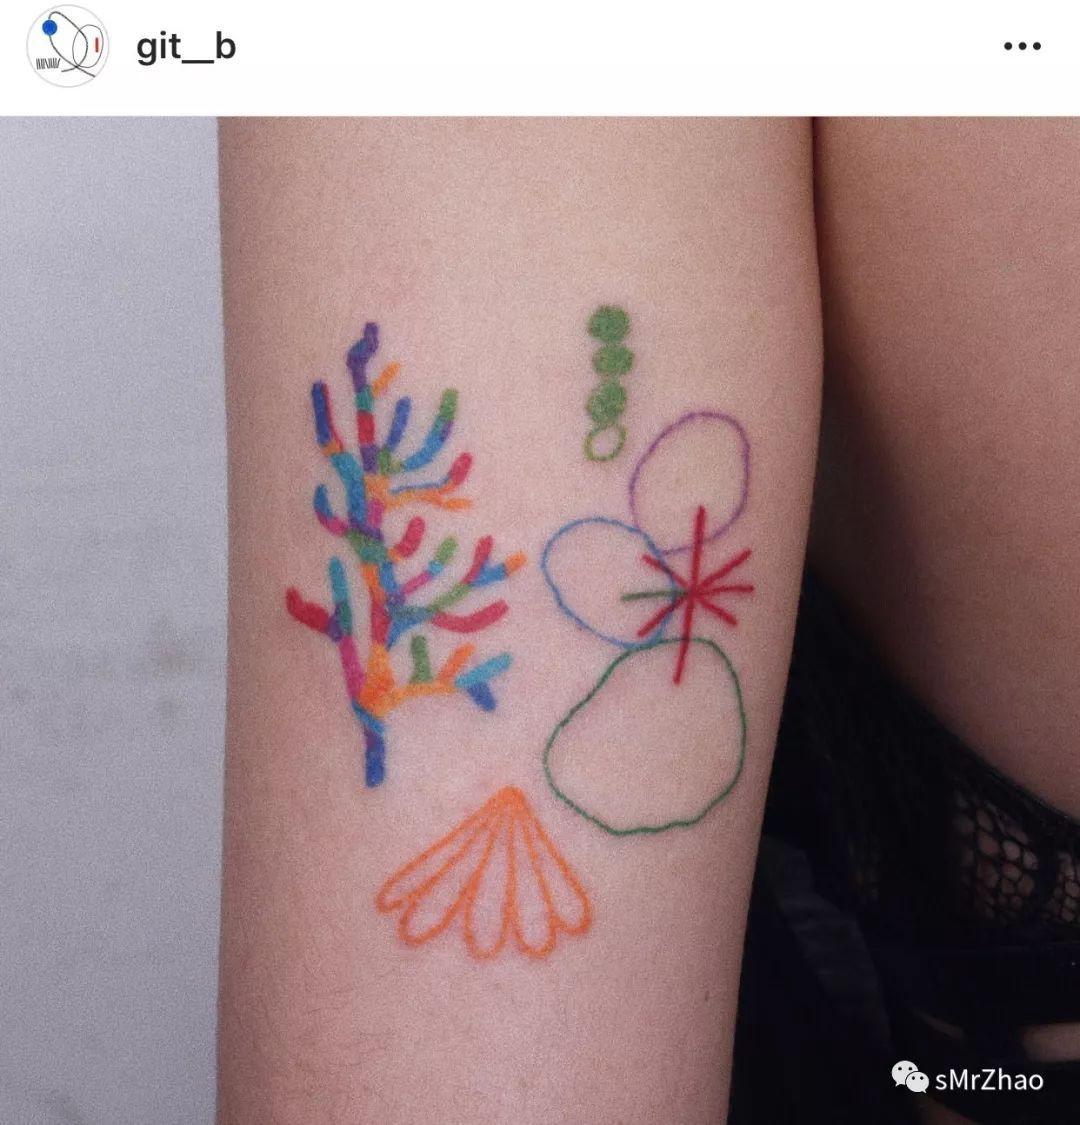 sMrZhao纹身推荐 第 152 期 彩色 线条 幼稚园简笔画纹身